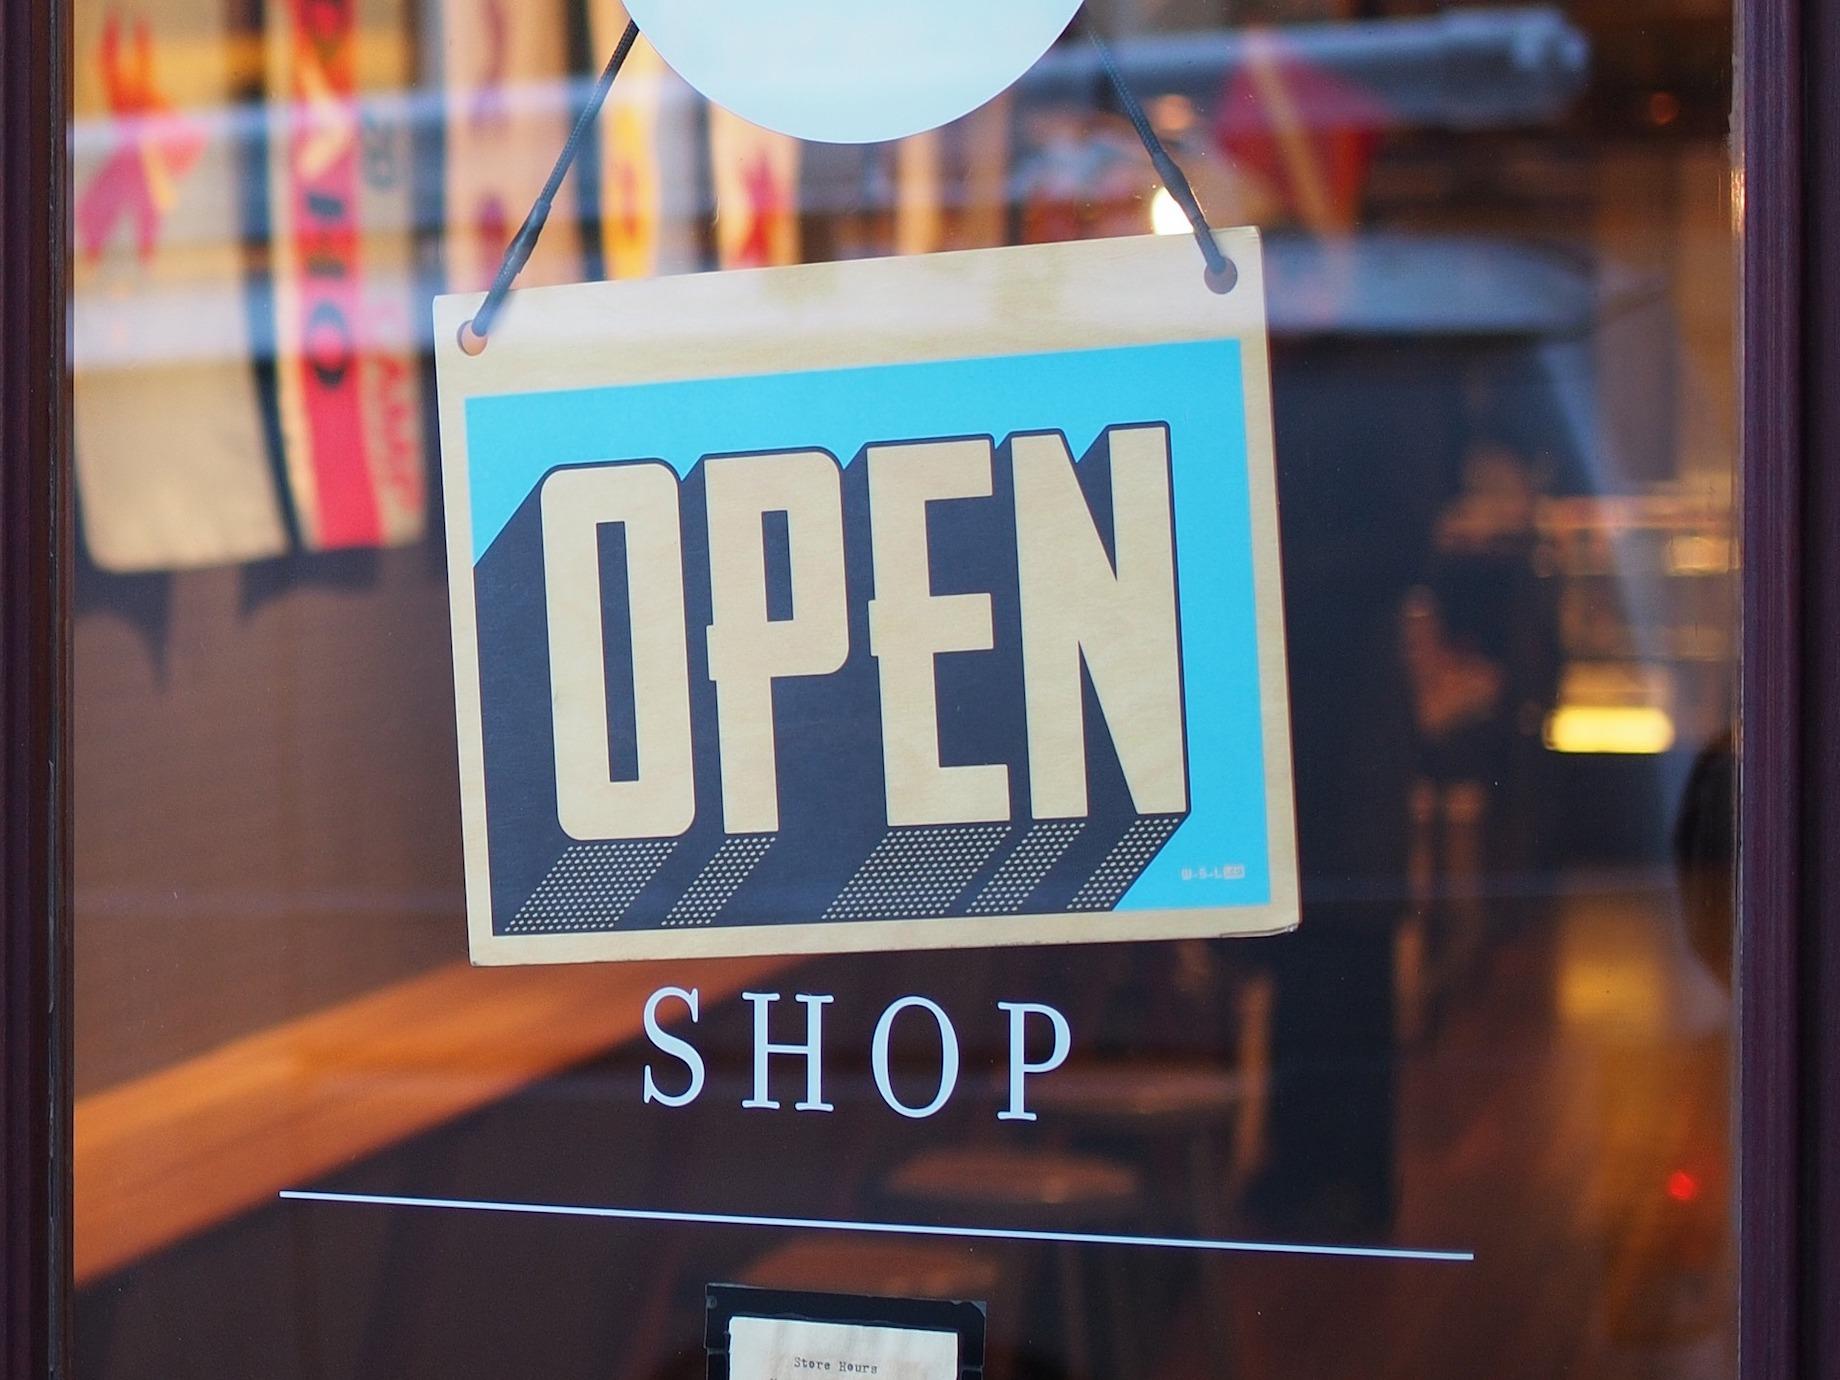 商店體驗影響顧客決策,店內瀏覽仍是探索新產品的首選